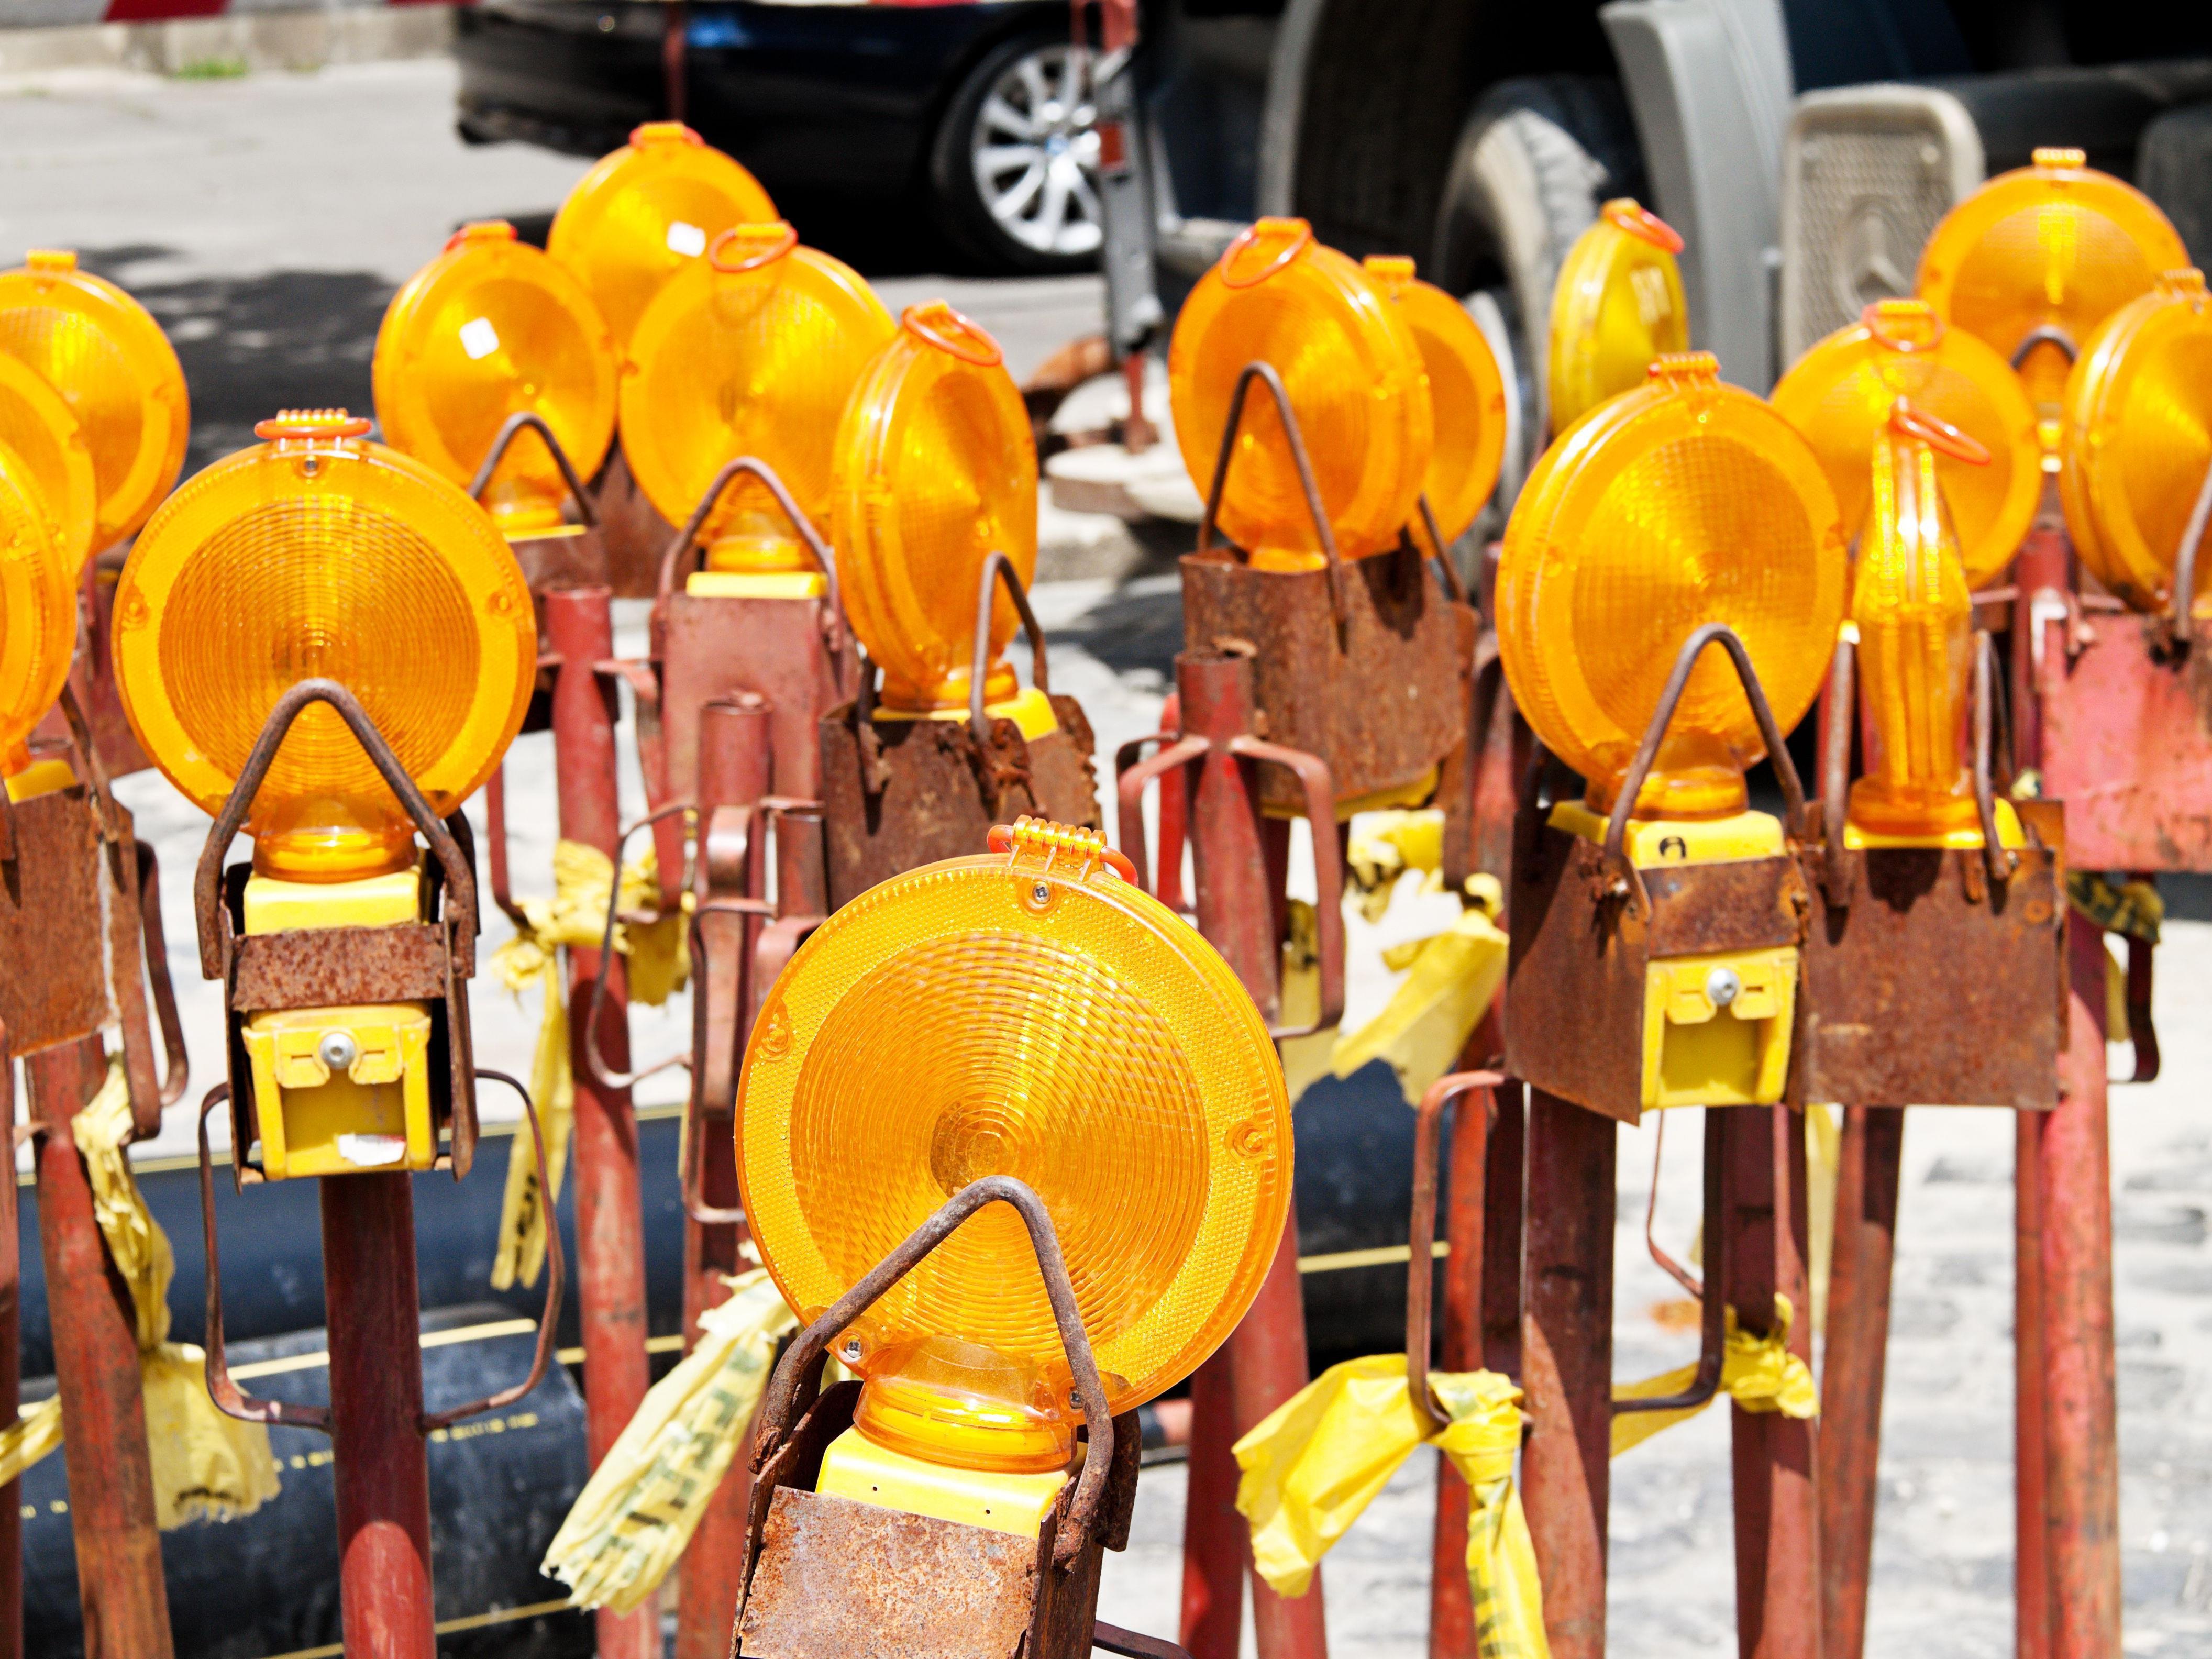 Am Gürtel spielen die Wiener im Sommer Baustellenslalom